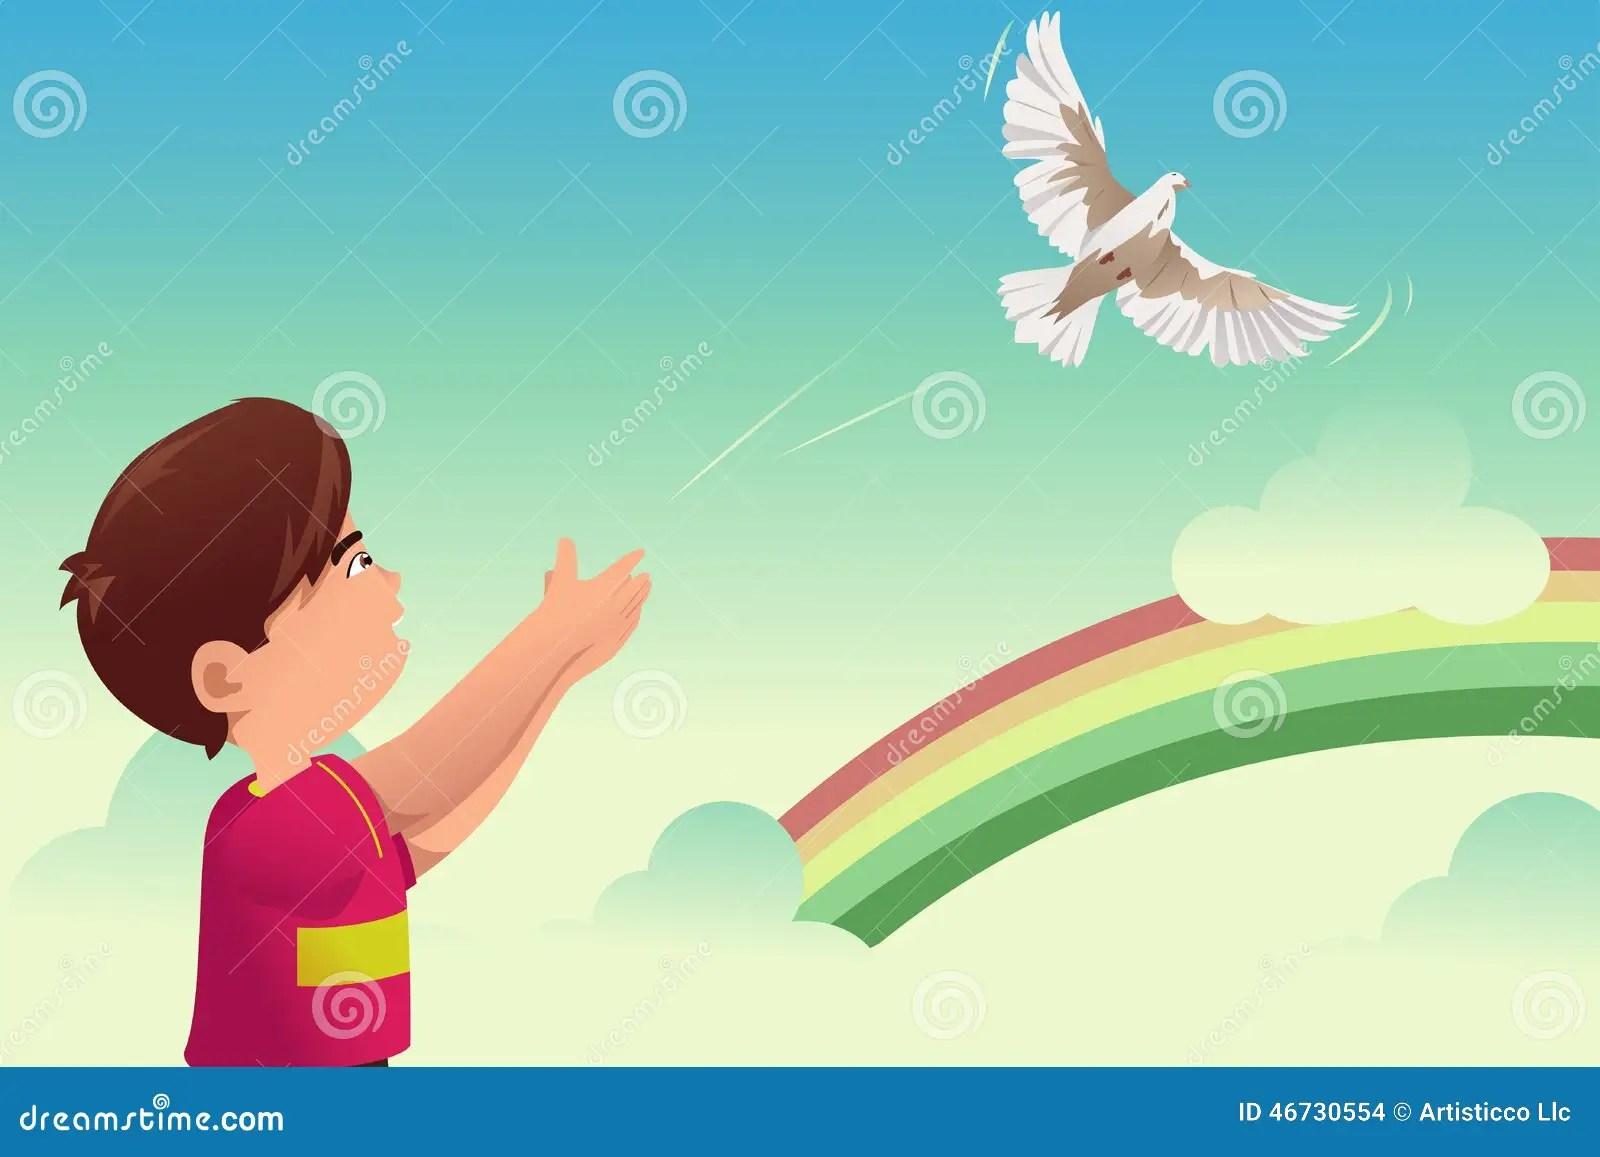 picture Imagenes De Libertad Para Niños dreamstime